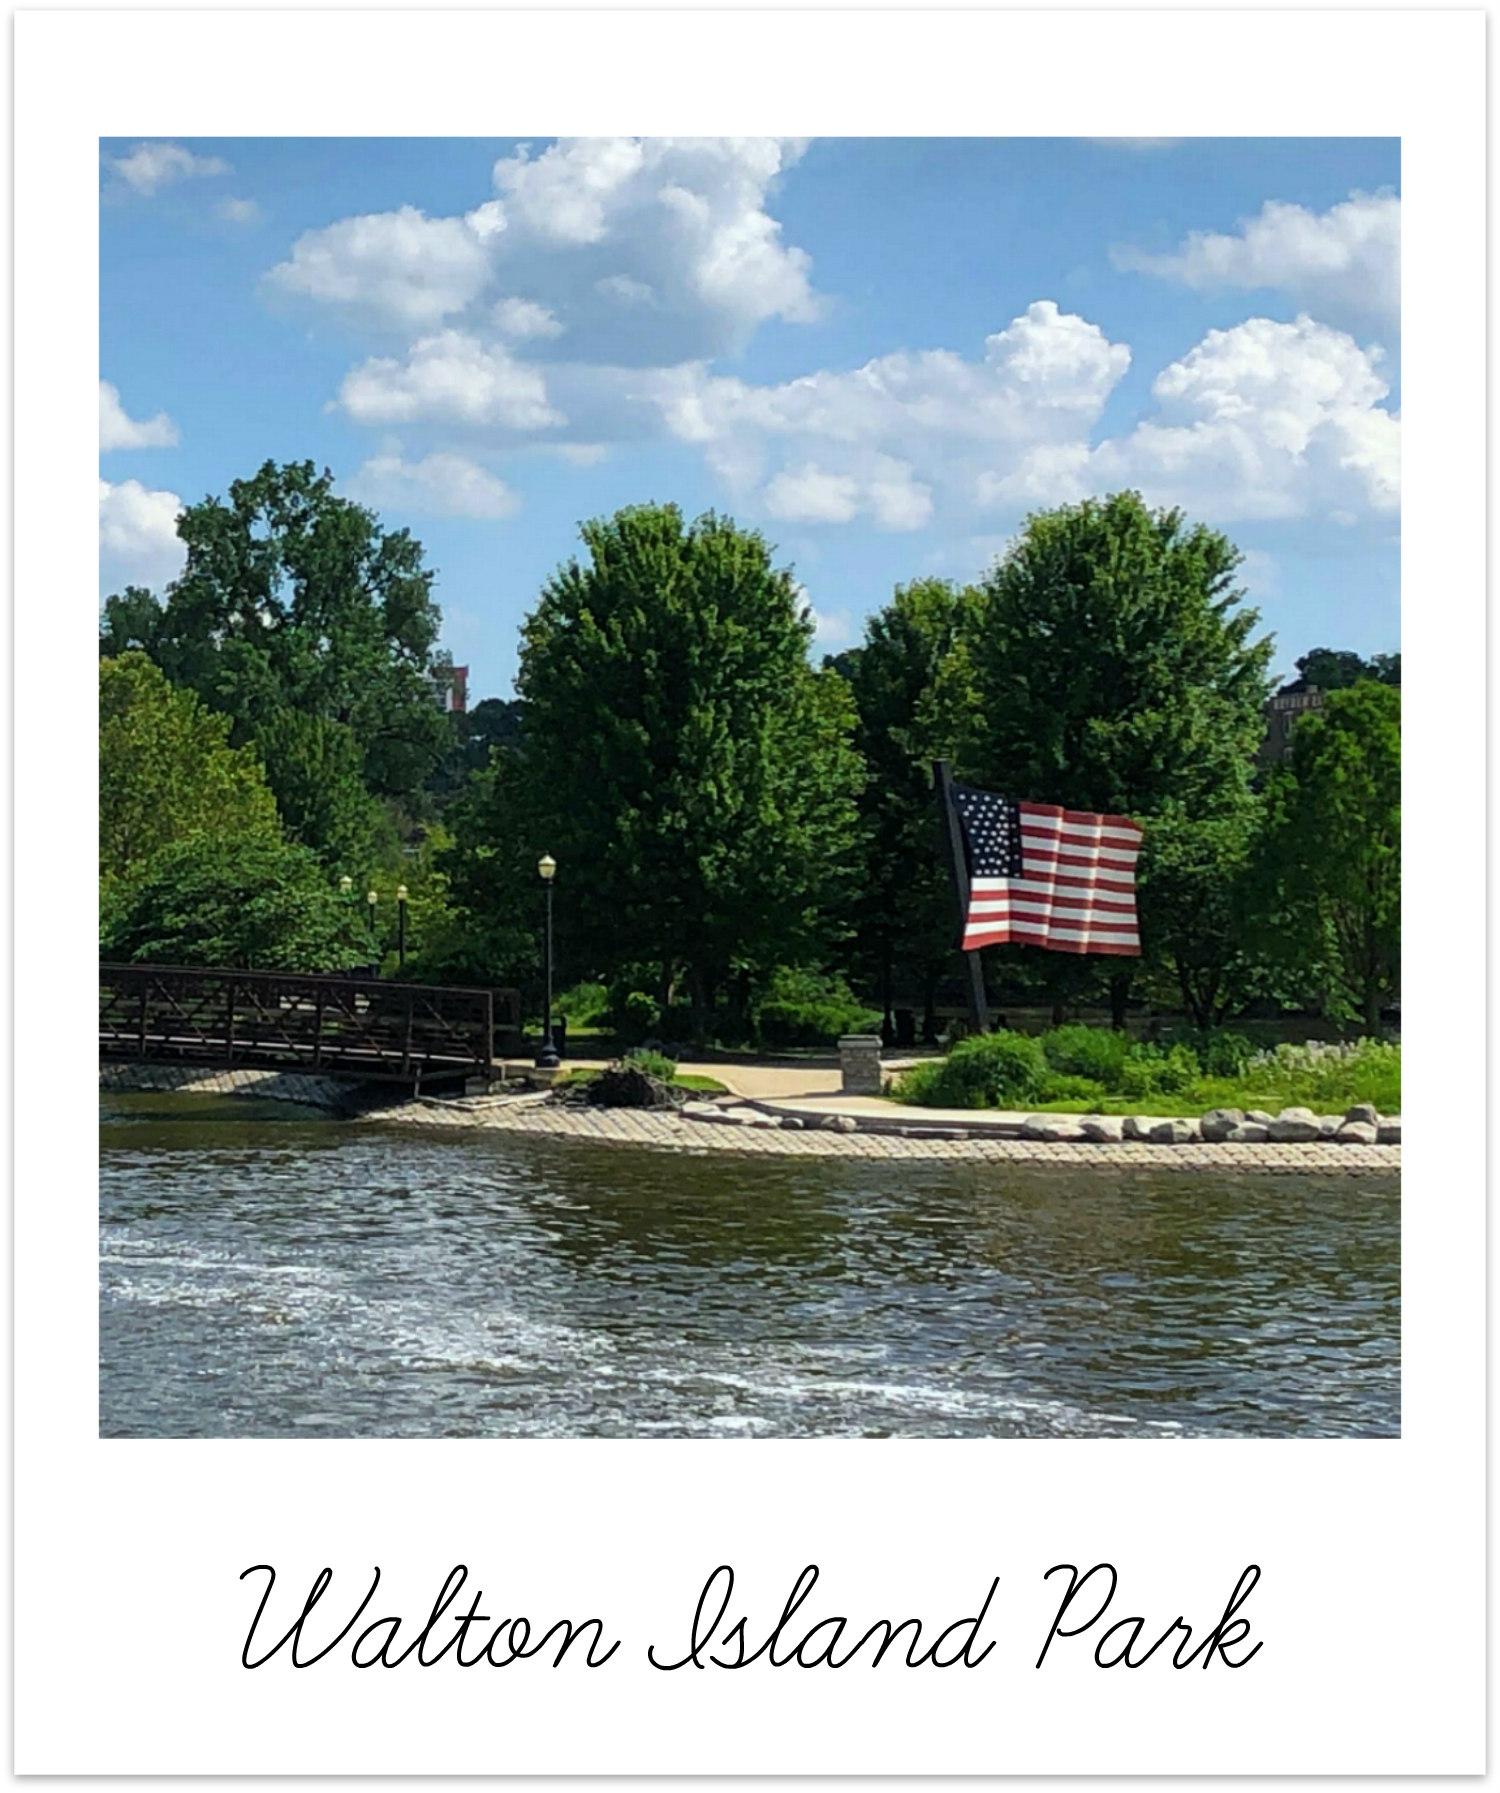 Elgin Illinois Walton Island Park BRIX Picks